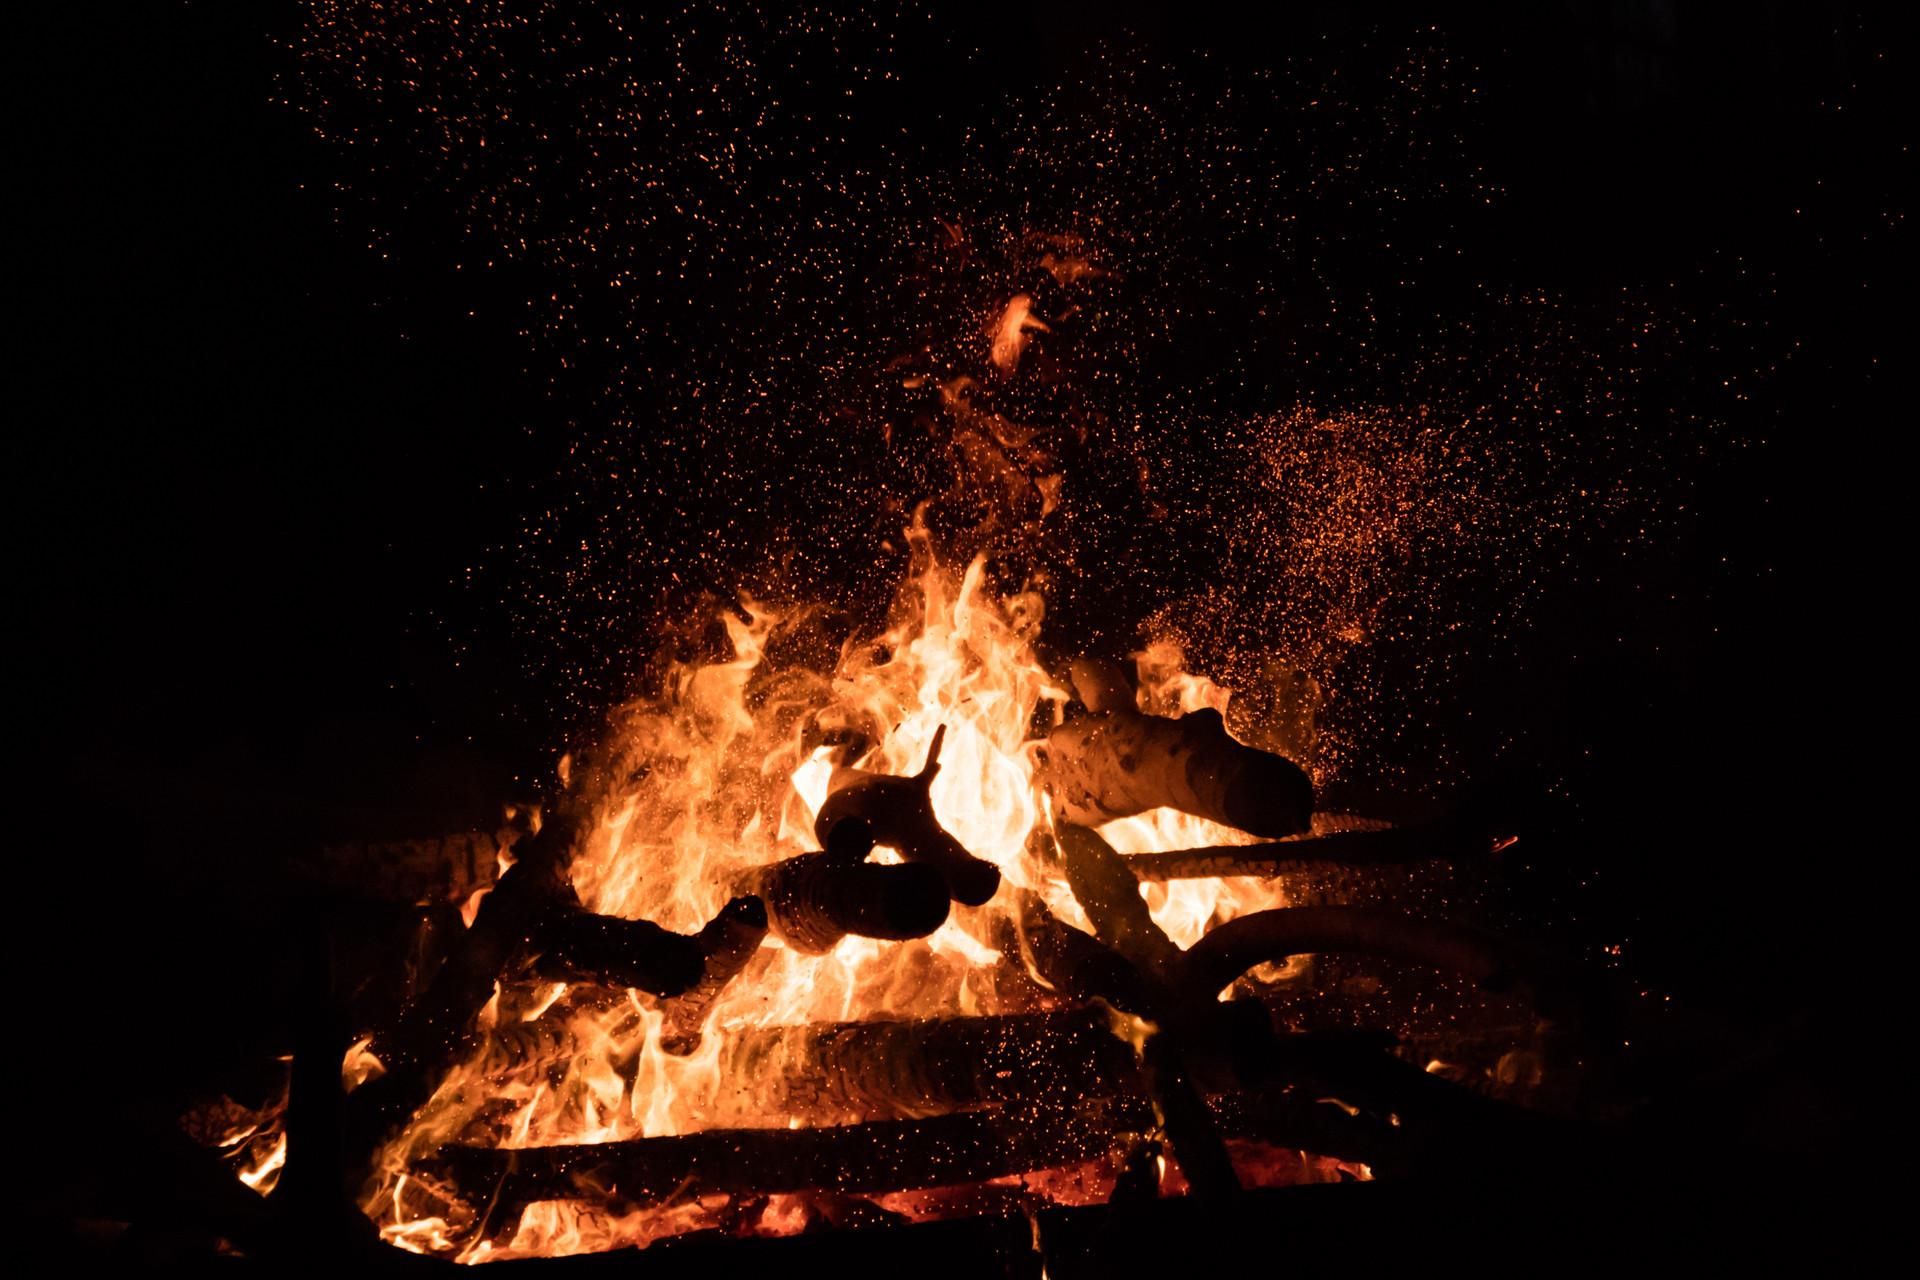 阿里彭蕾:生命里總得要有什么值得你為他燃燒一回